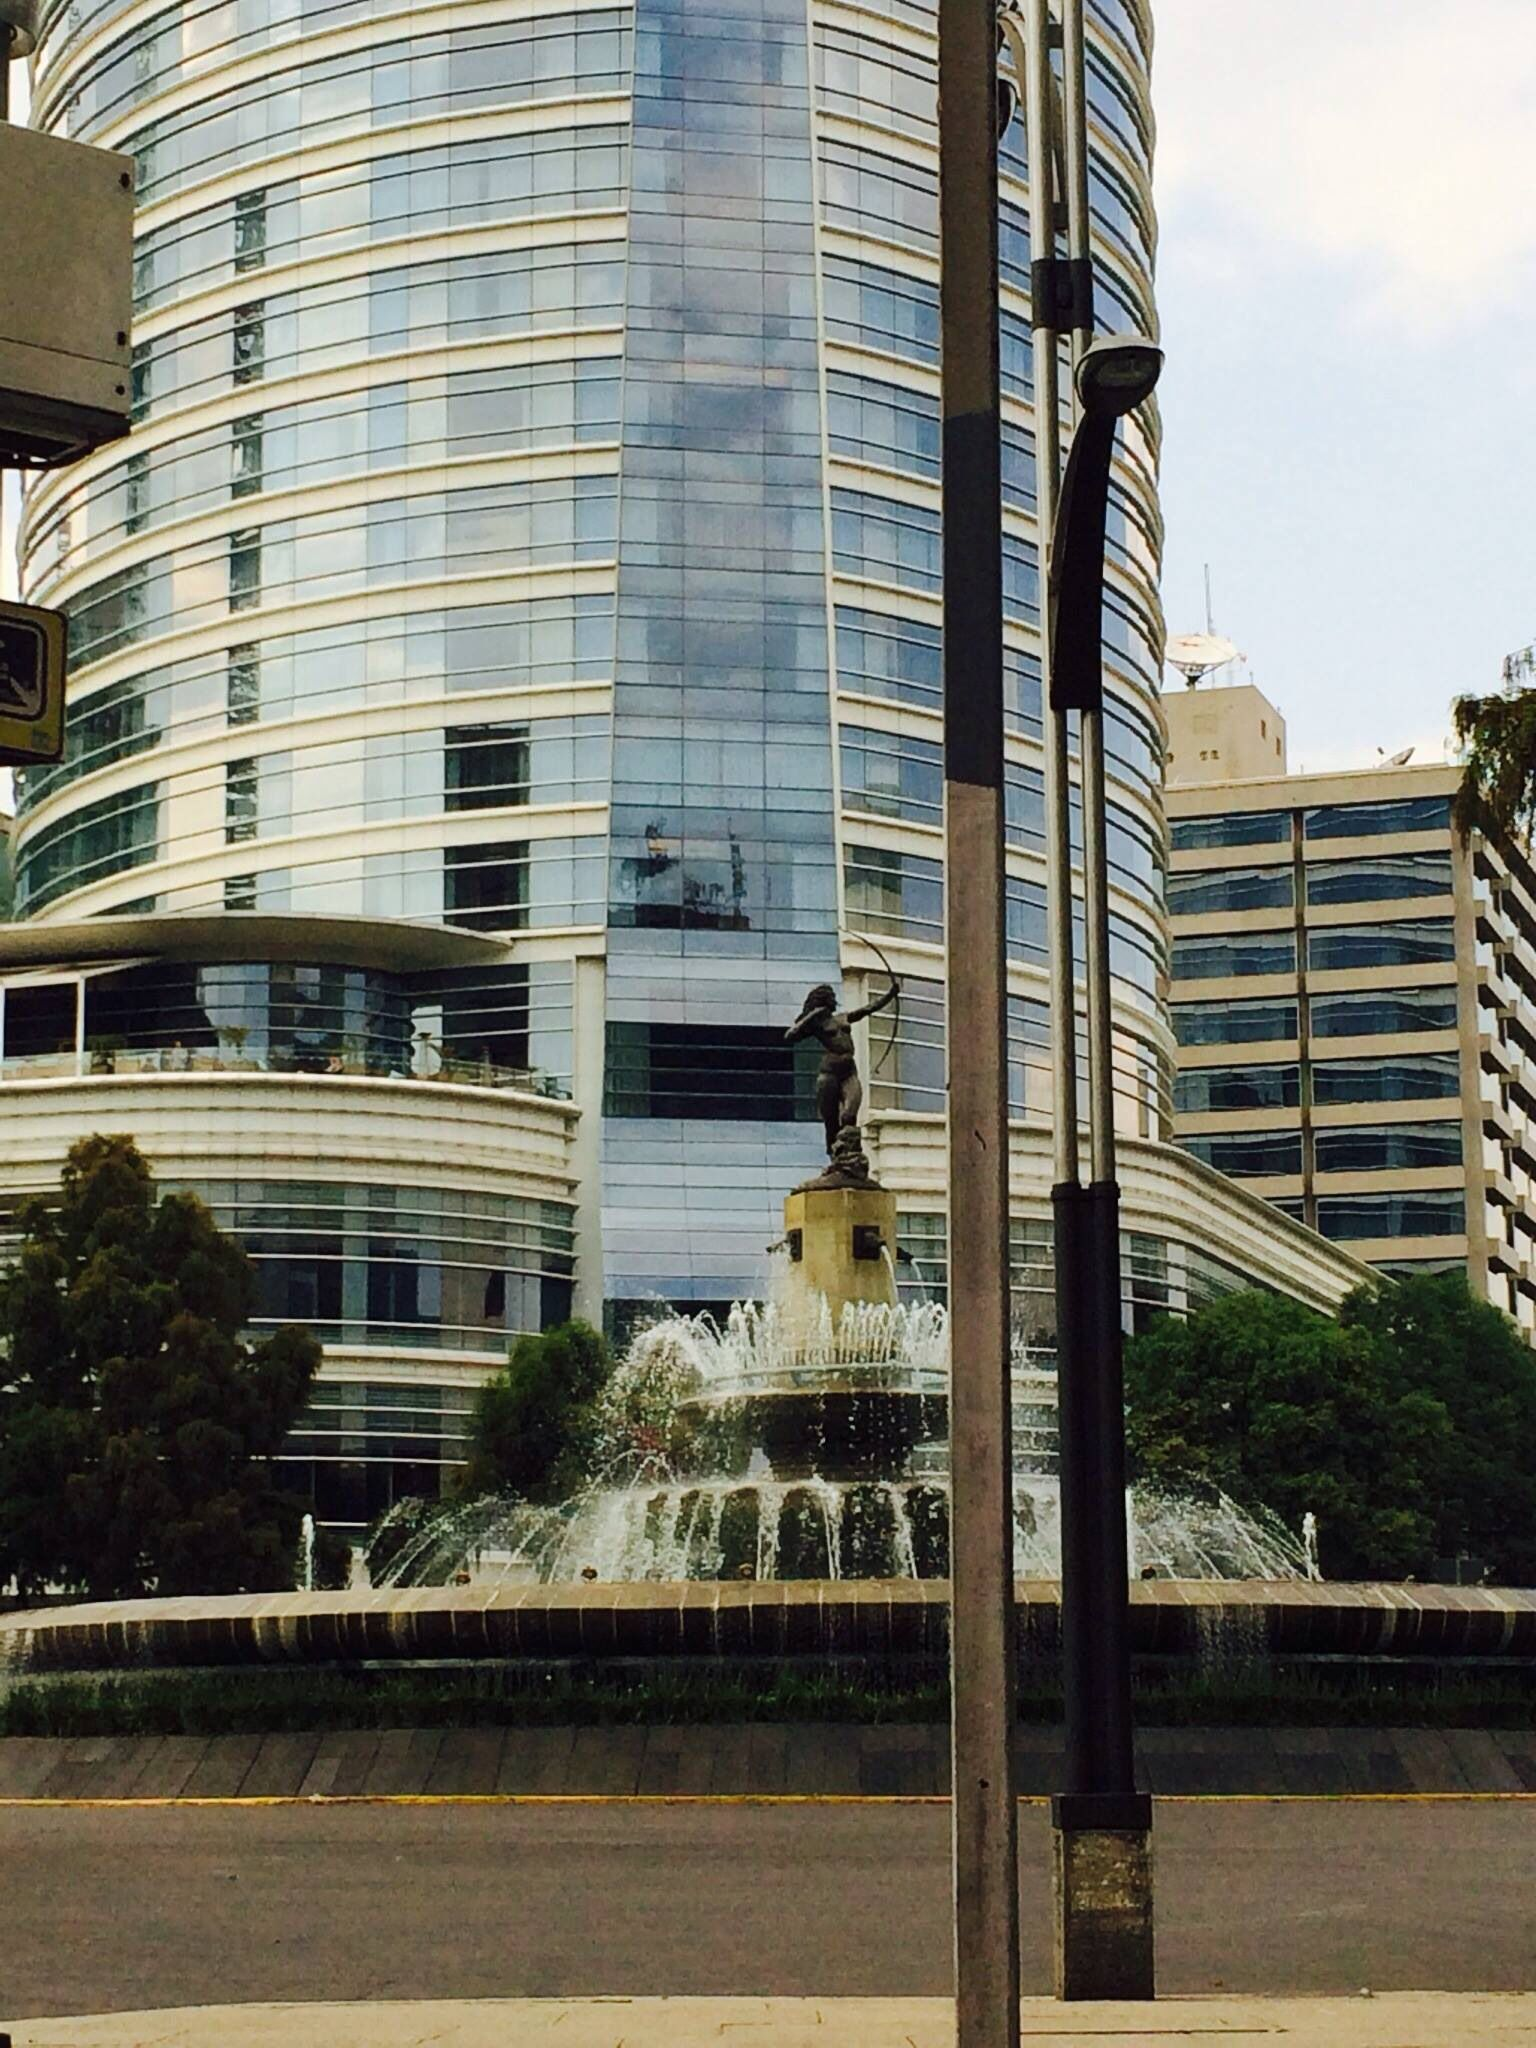 La Diana Y El Hotel St Reg S Paseo De La Reforma 2014